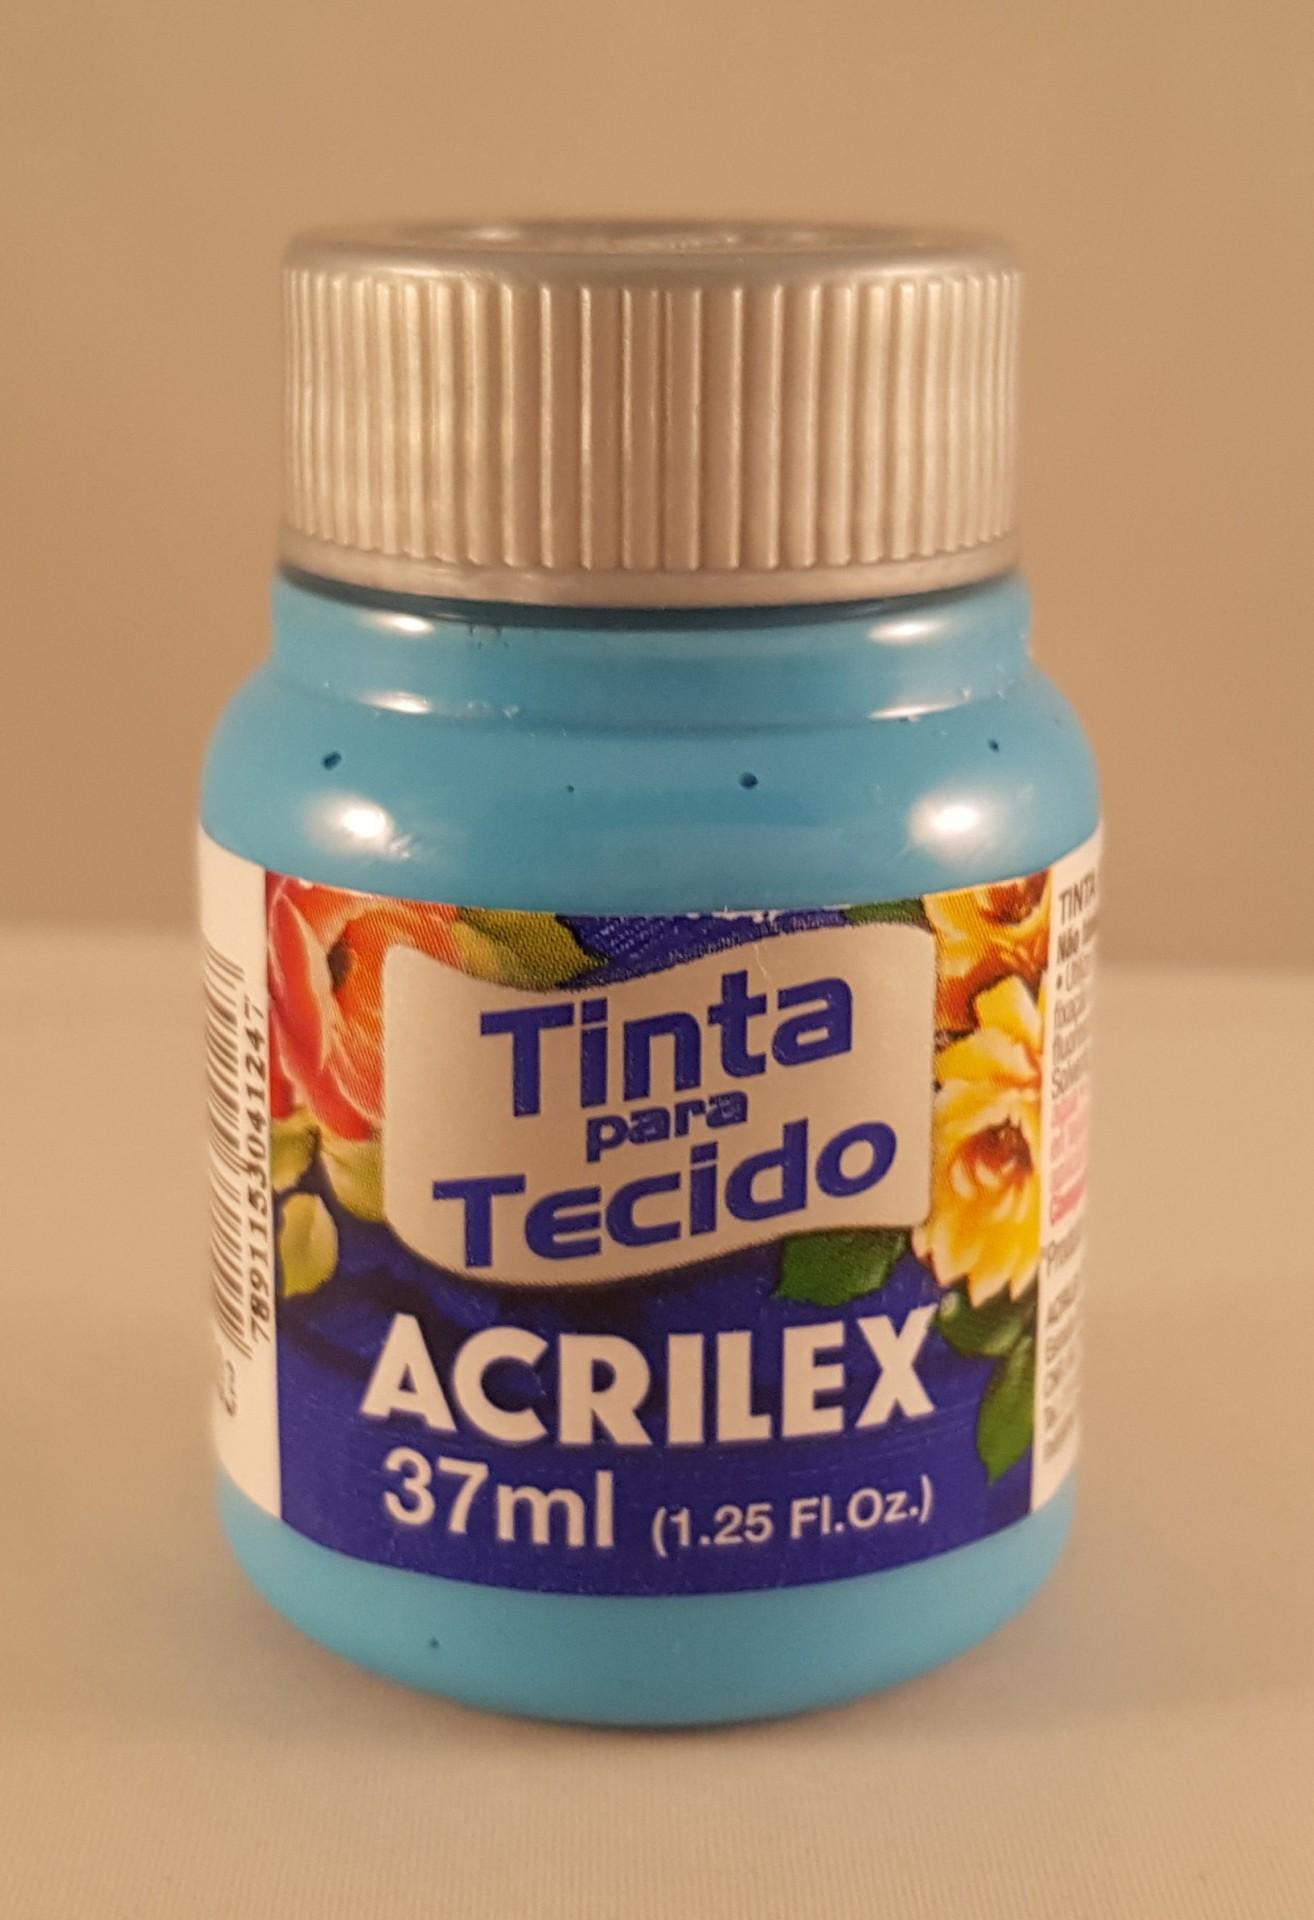 Tinta Tecido Acrilex azul celeste 503